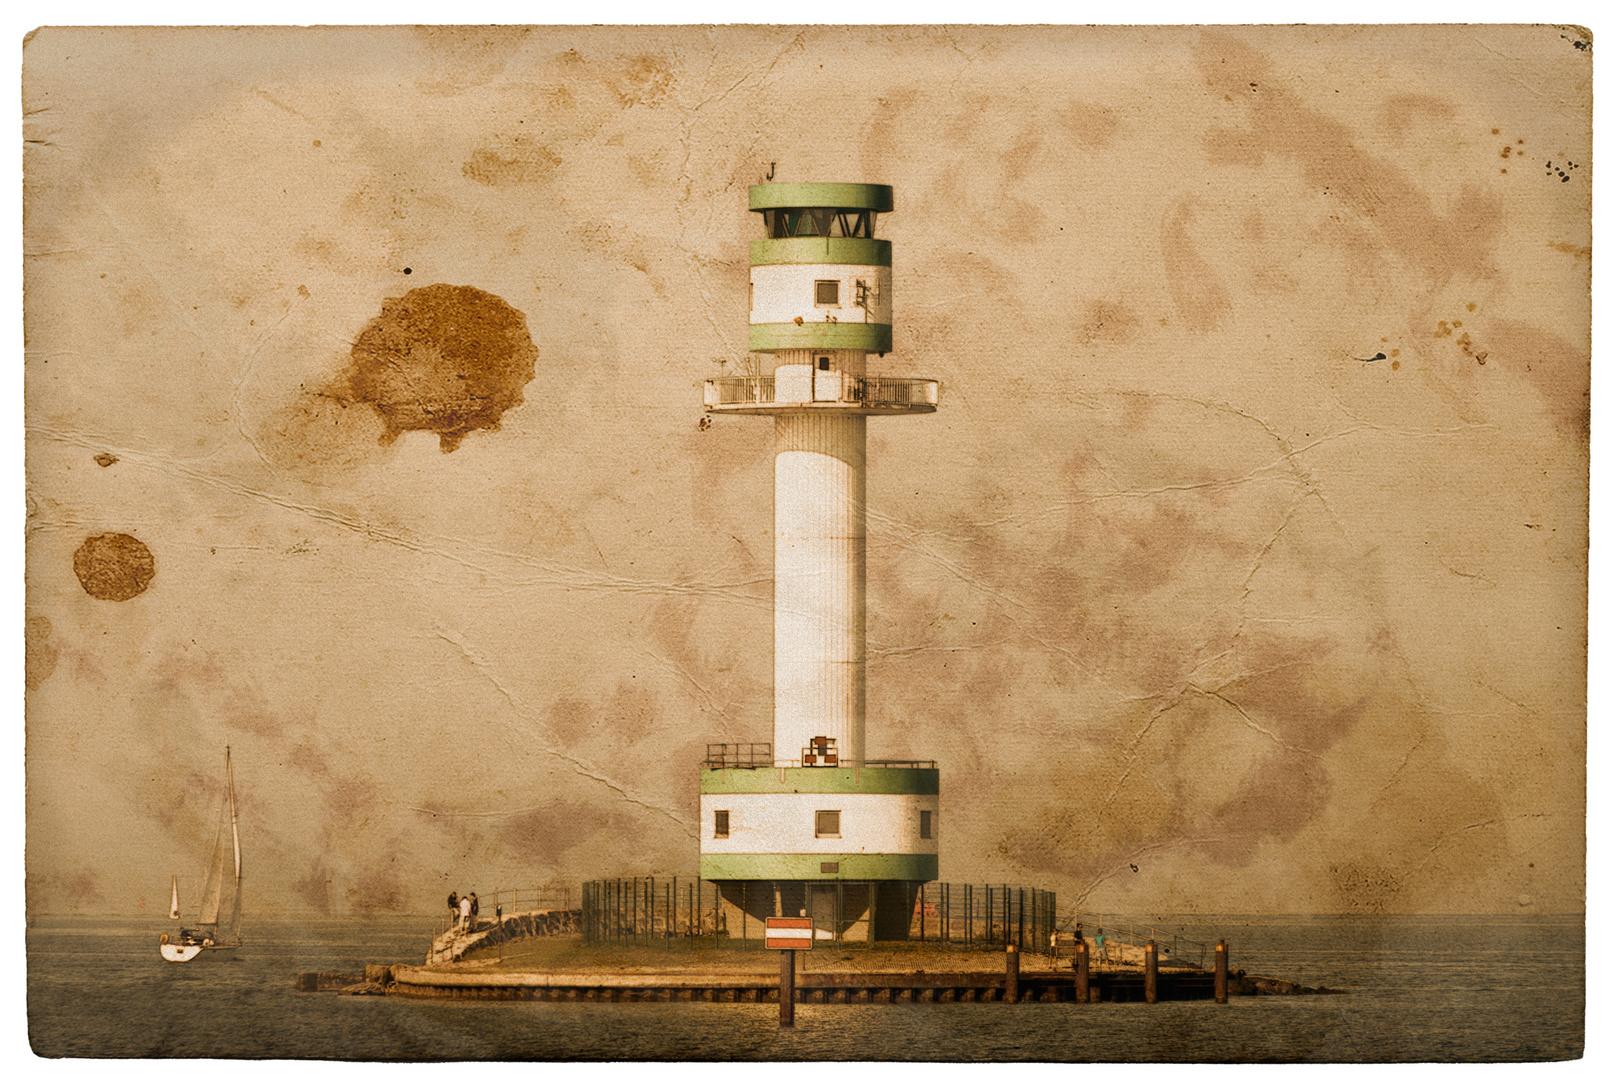 Leuchtturm Friedrichsort am Falckensteiner Strand (Kiel) ... alt